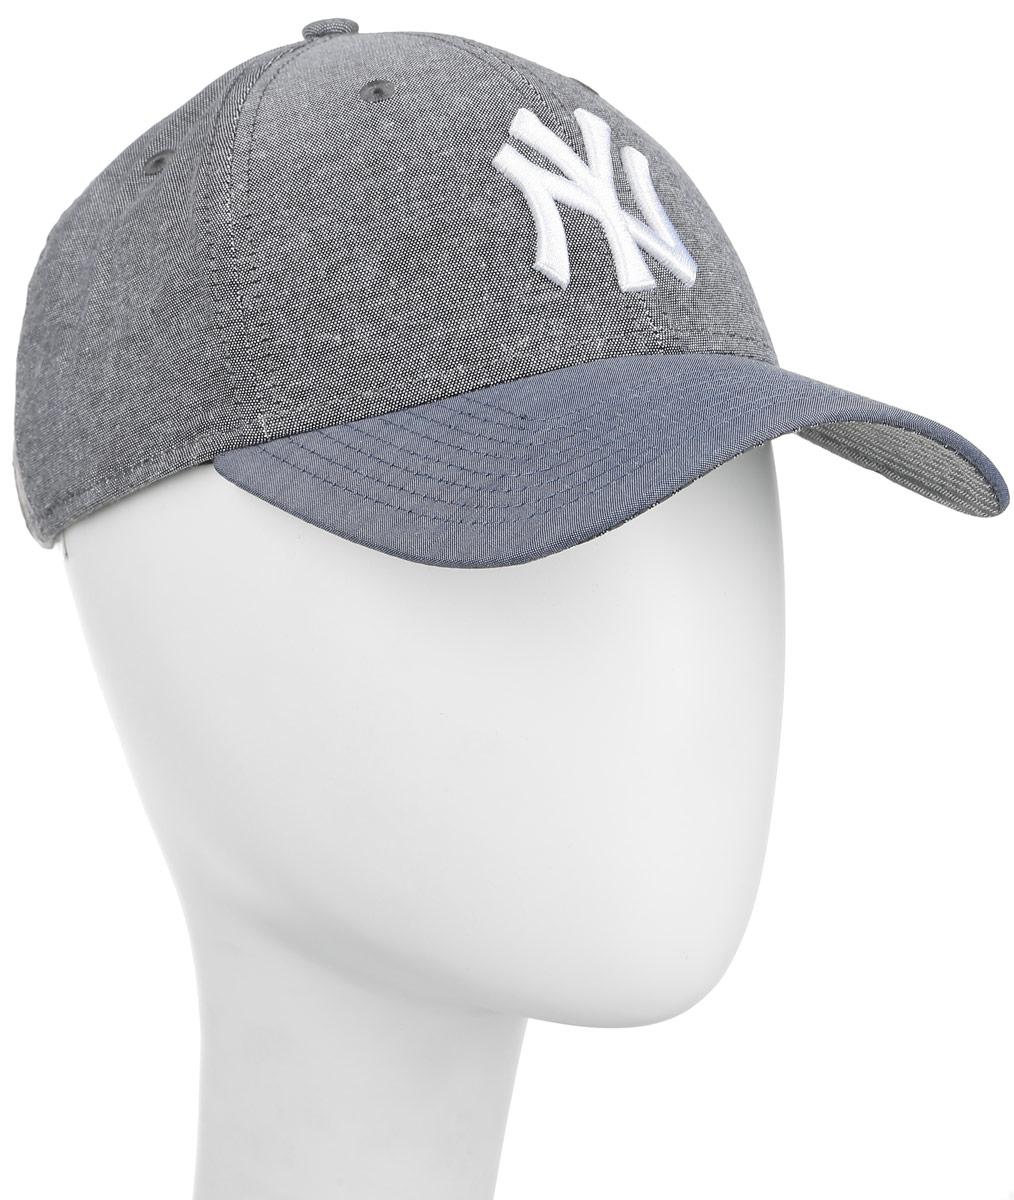 Бейсболка 9 Forty Chambray Crown. 11210321-GRH11210321-GRHСтильная бейсболка New Era 9Forty Chambray Crown, выполненная из высококачественных материалов, идеально подойдет для прогулок, занятий спортом и отдыха. Изделие оформлено объемным вышитым логотипом знаменитой бейсбольной команды New York Yankees и логотипом бренда New Era. Она надежно защитит вас от солнца и ветра. Объем бейсболки регулируется металлическим фиксатором. Ничто не говорит о настоящем любителе путешествий больше, чем любимая кепка. Эта модель станет отличным аксессуаром и дополнит ваш повседневный образ.